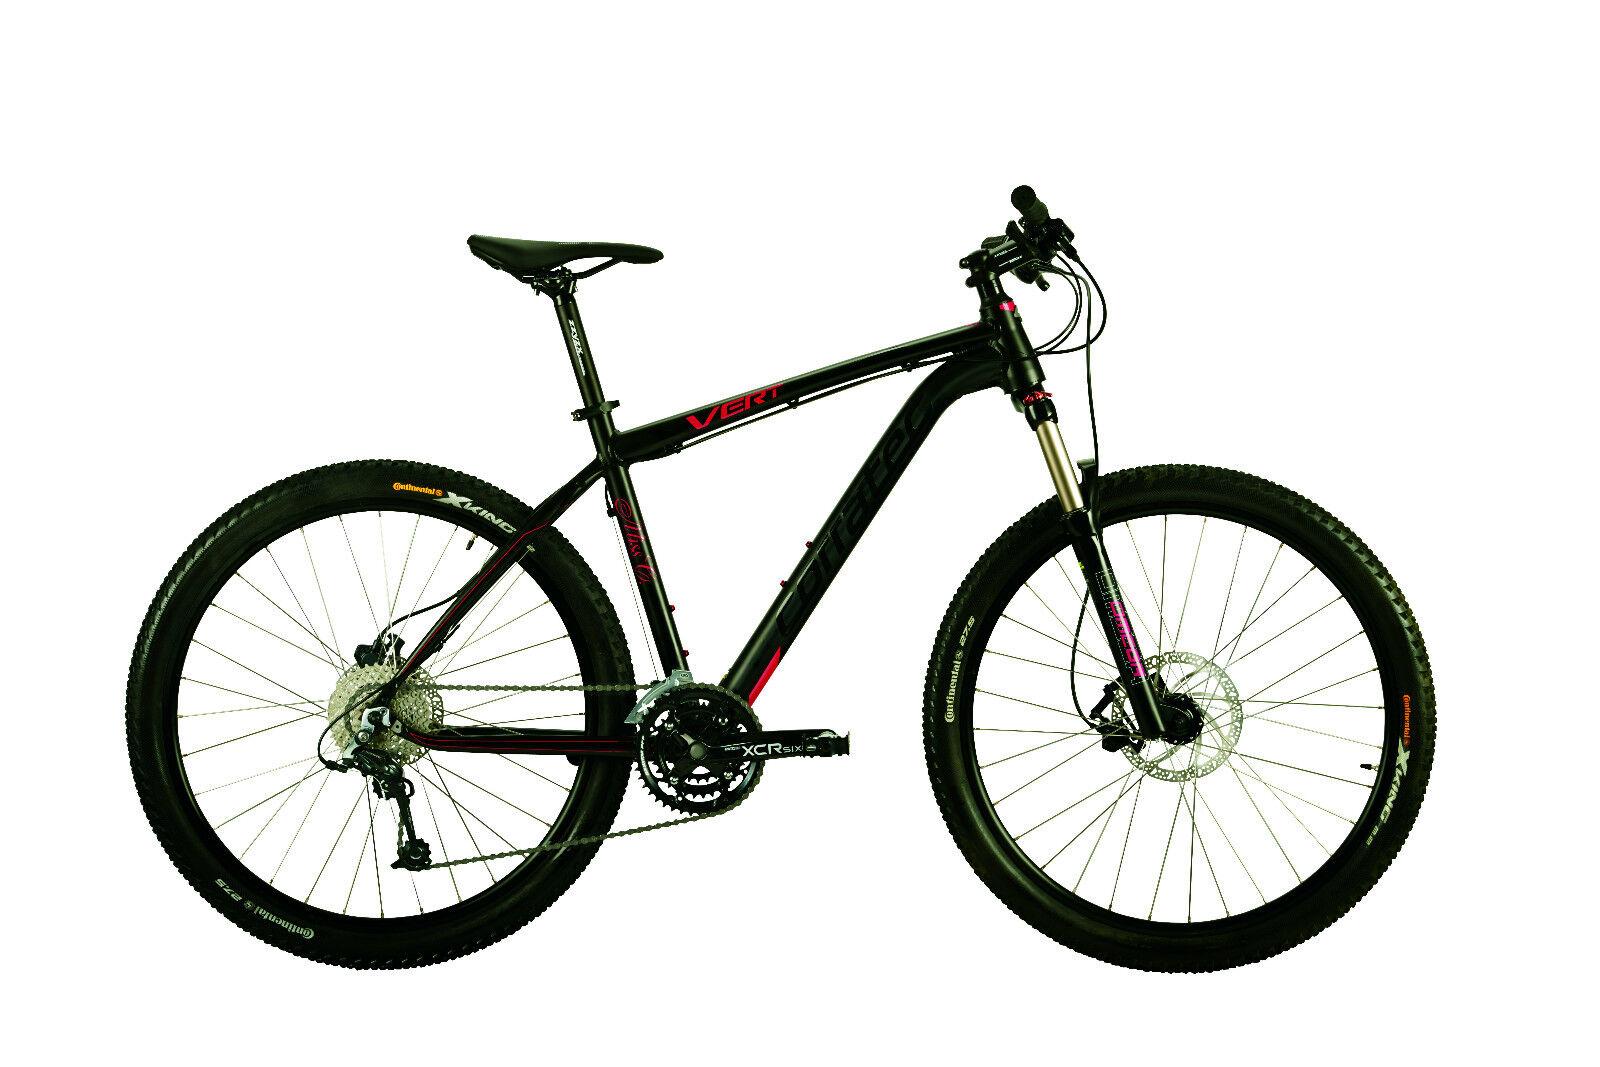 Corratec Xgreen MISS C 650B , size 49 cm, Top Bike